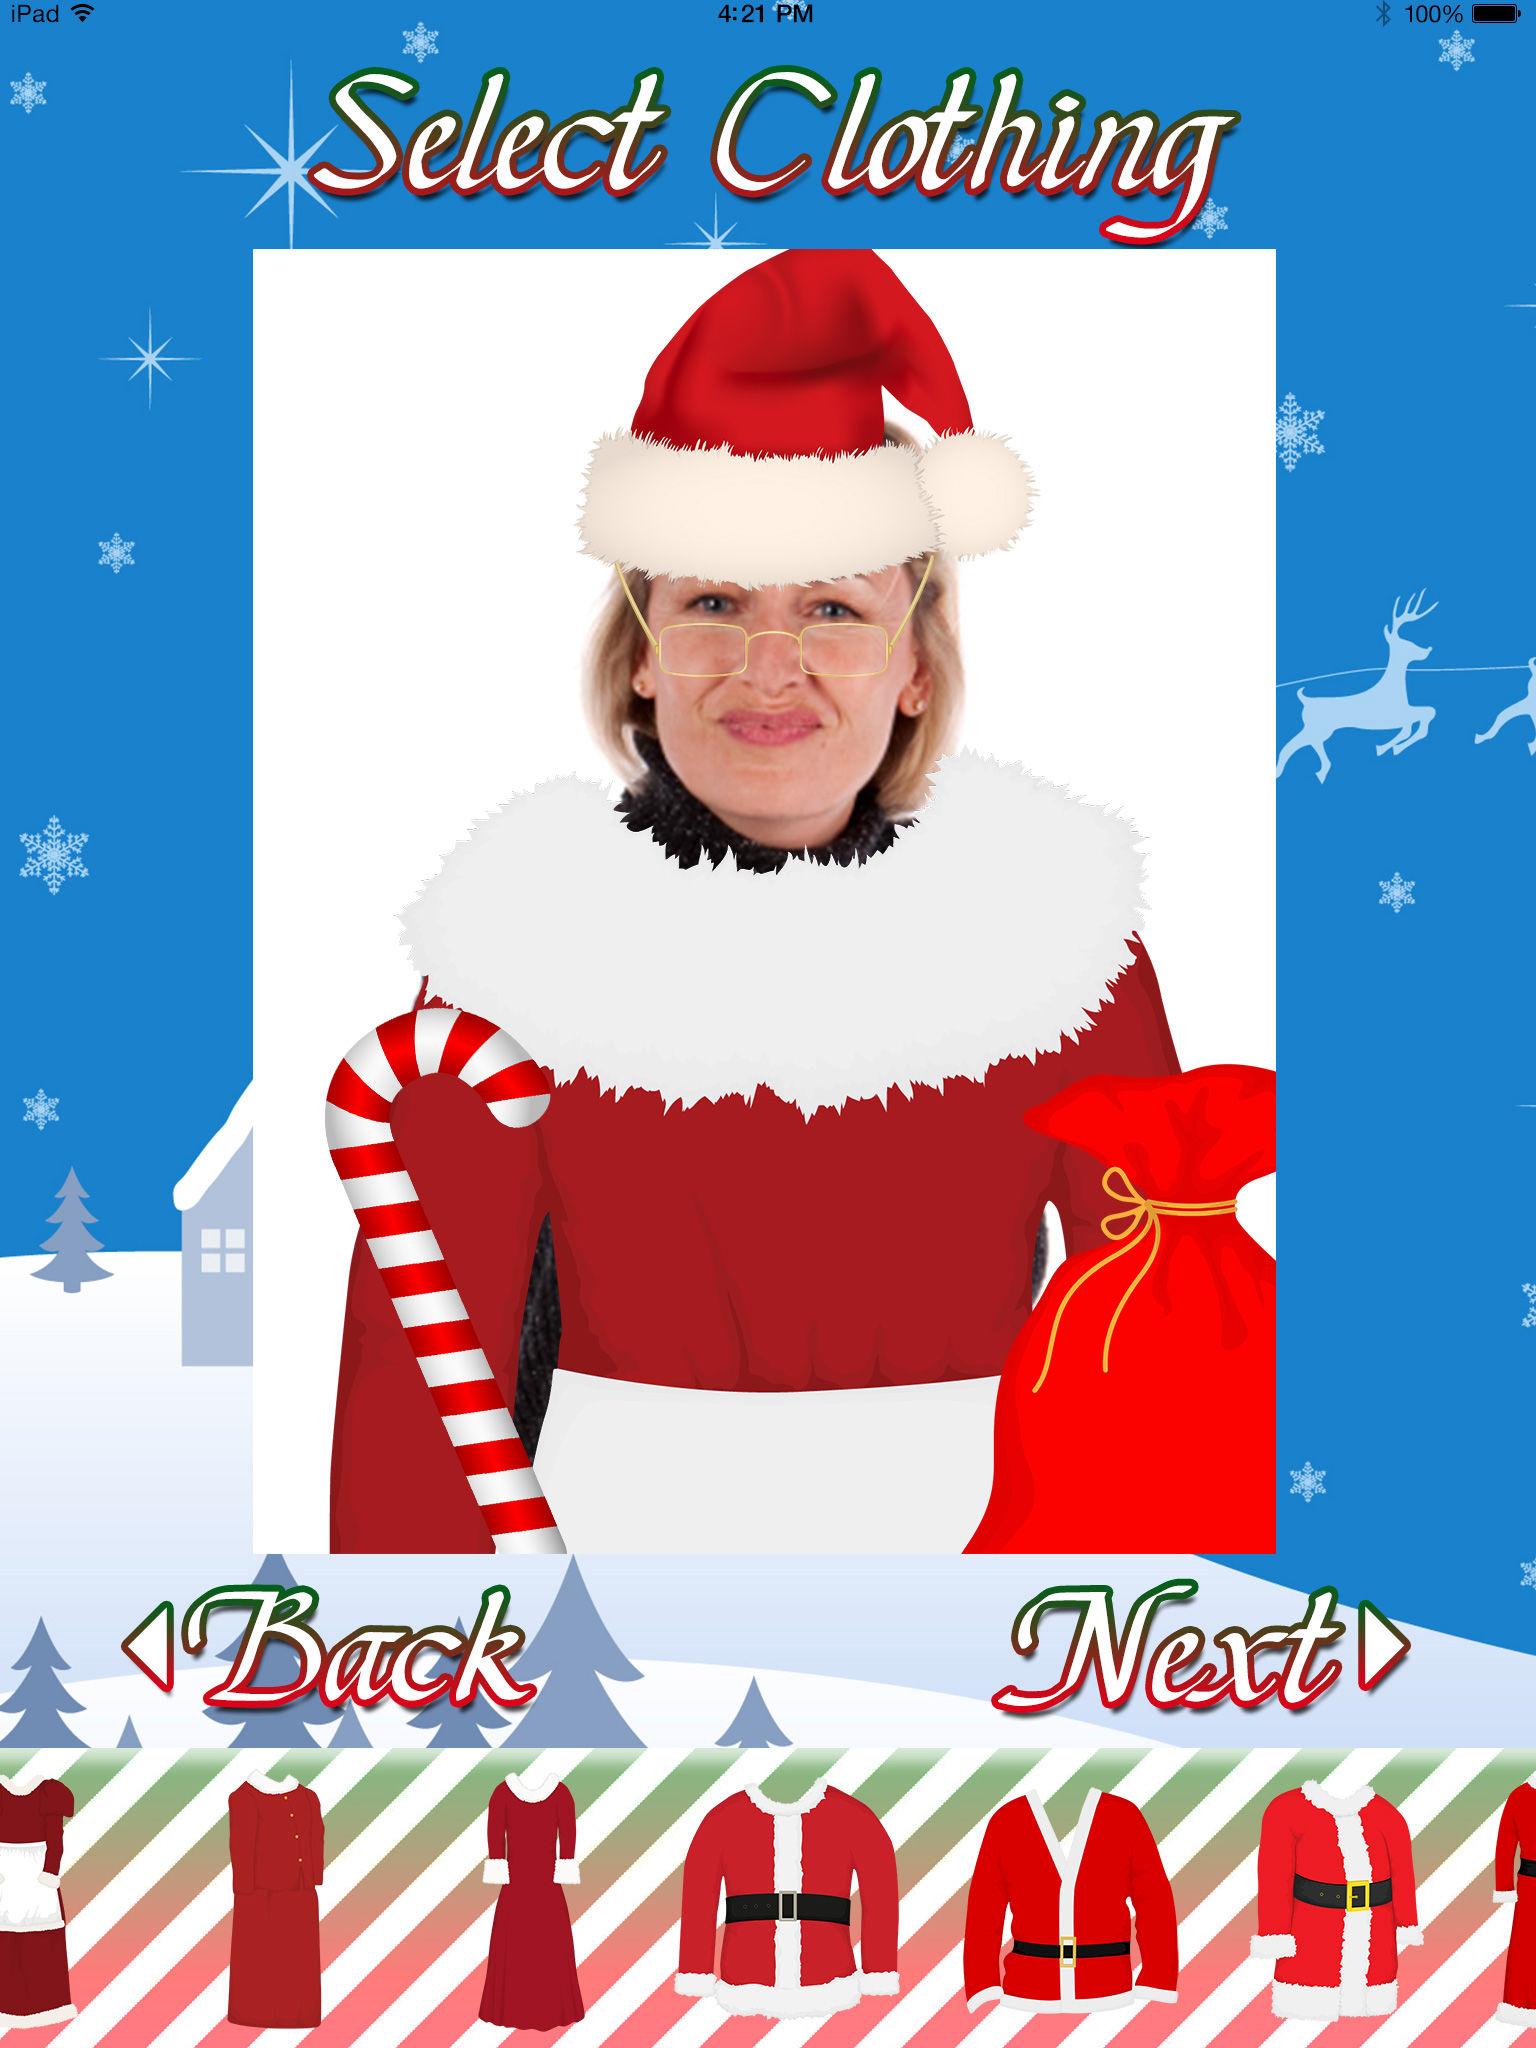 Santa Christmas Holiday Dress Up Photo Editor App Ranking and.